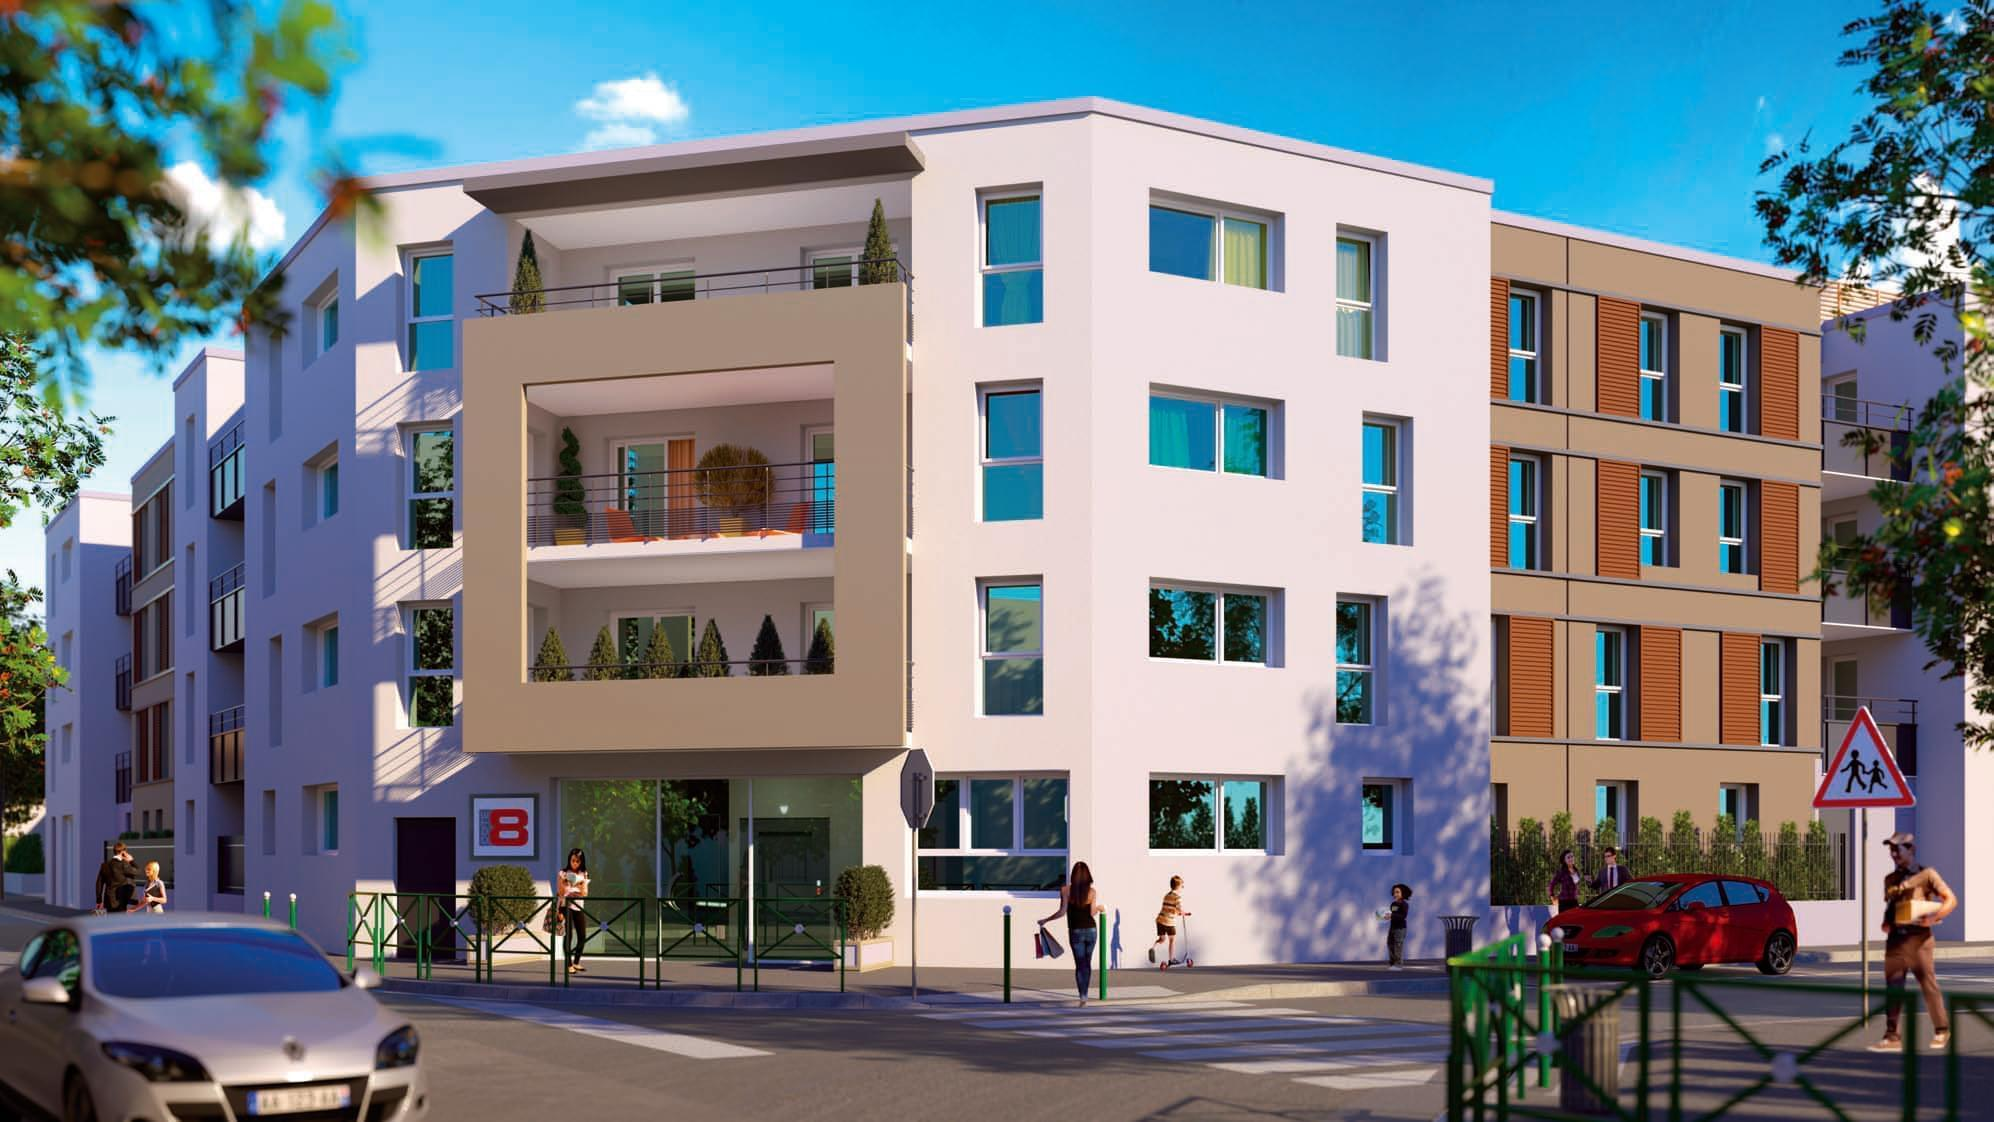 logement neuf pour investir lyon 8 moulin vent c t. Black Bedroom Furniture Sets. Home Design Ideas